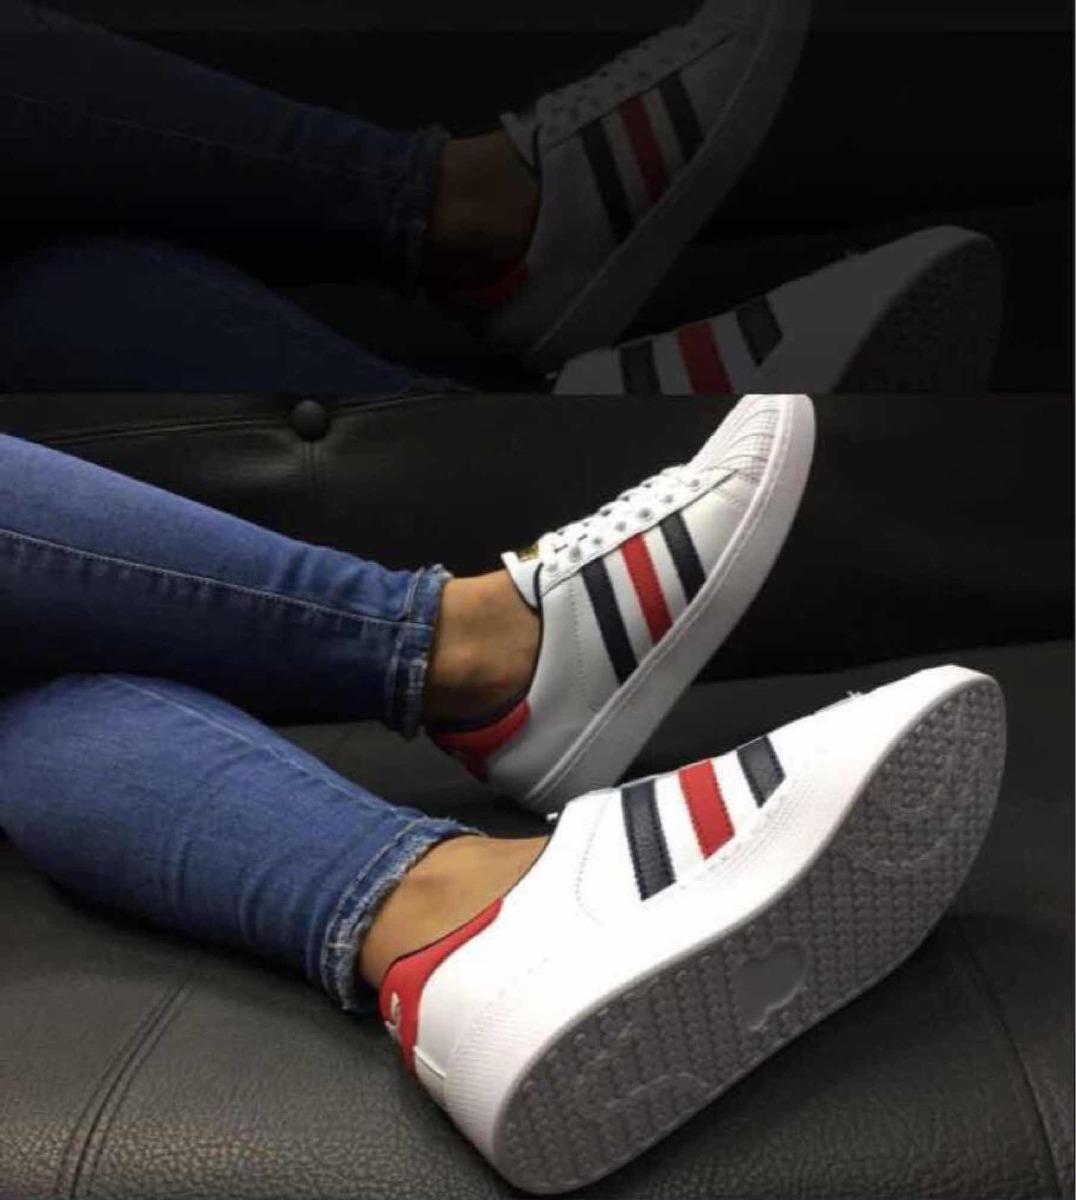 dcbbbd2663ae0 zapato zapatillas deportivas para mujer de moda colombiana. Cargando zoom.